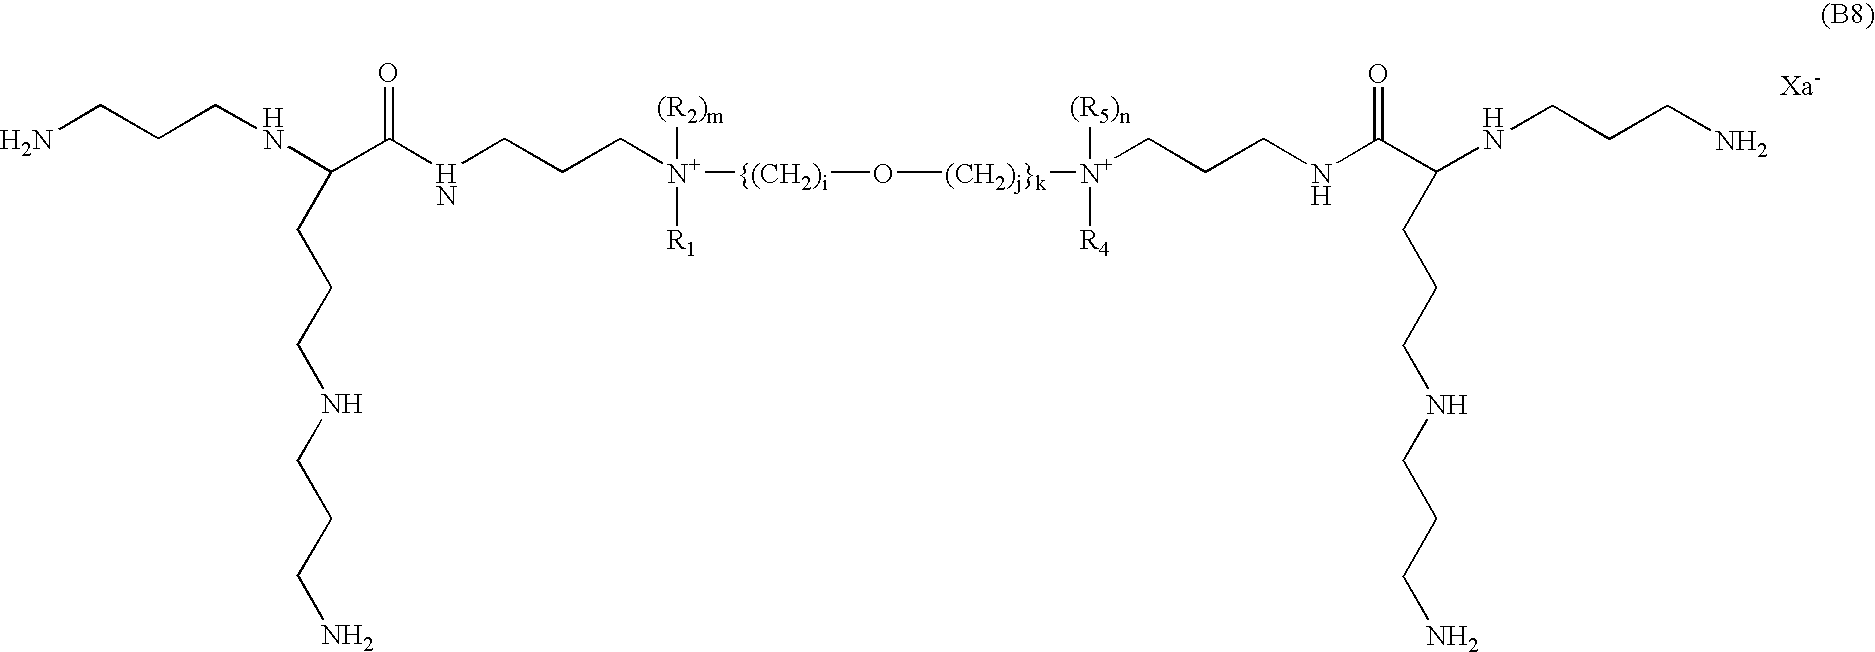 Figure US07479573-20090120-C00033